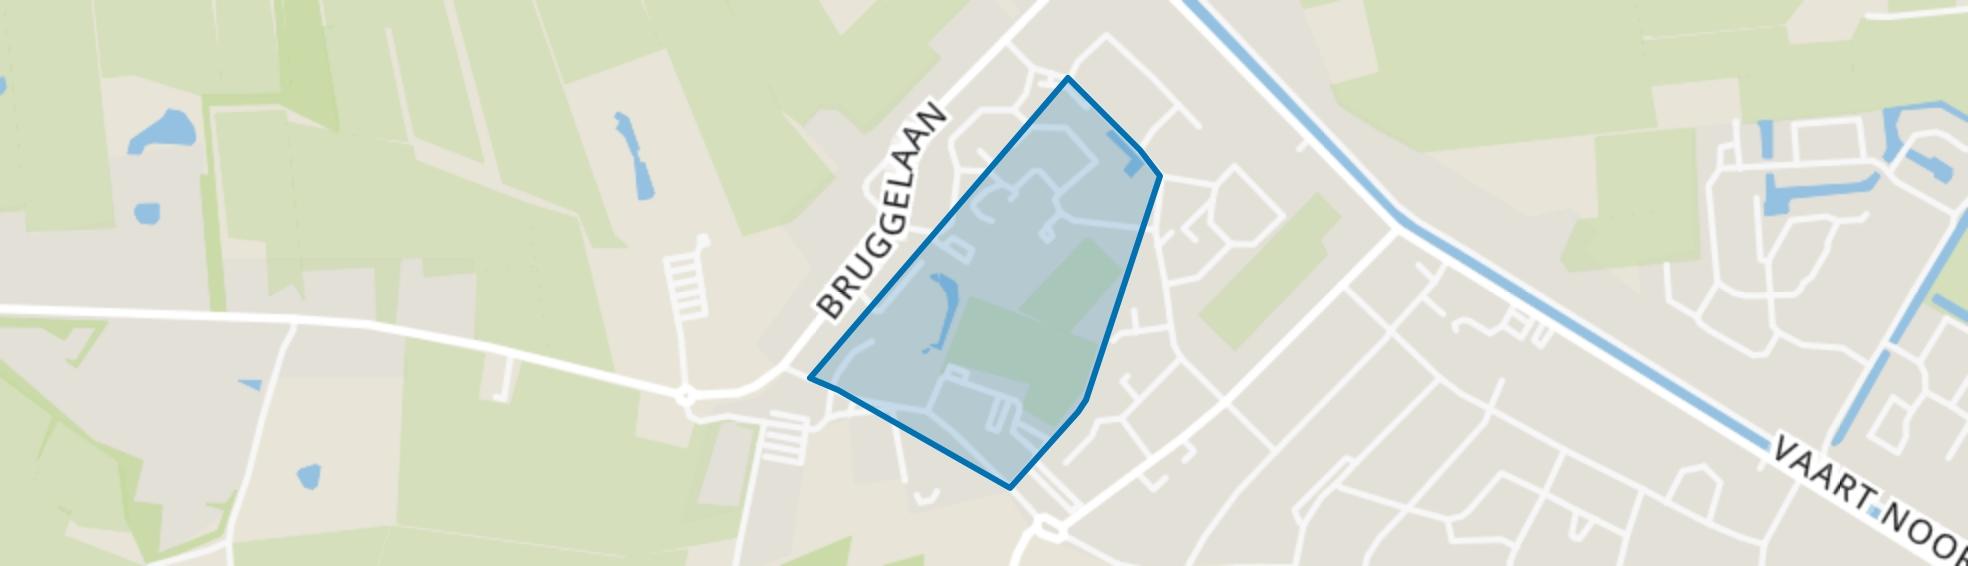 Appelscha-Steegdenhal, Appelscha map